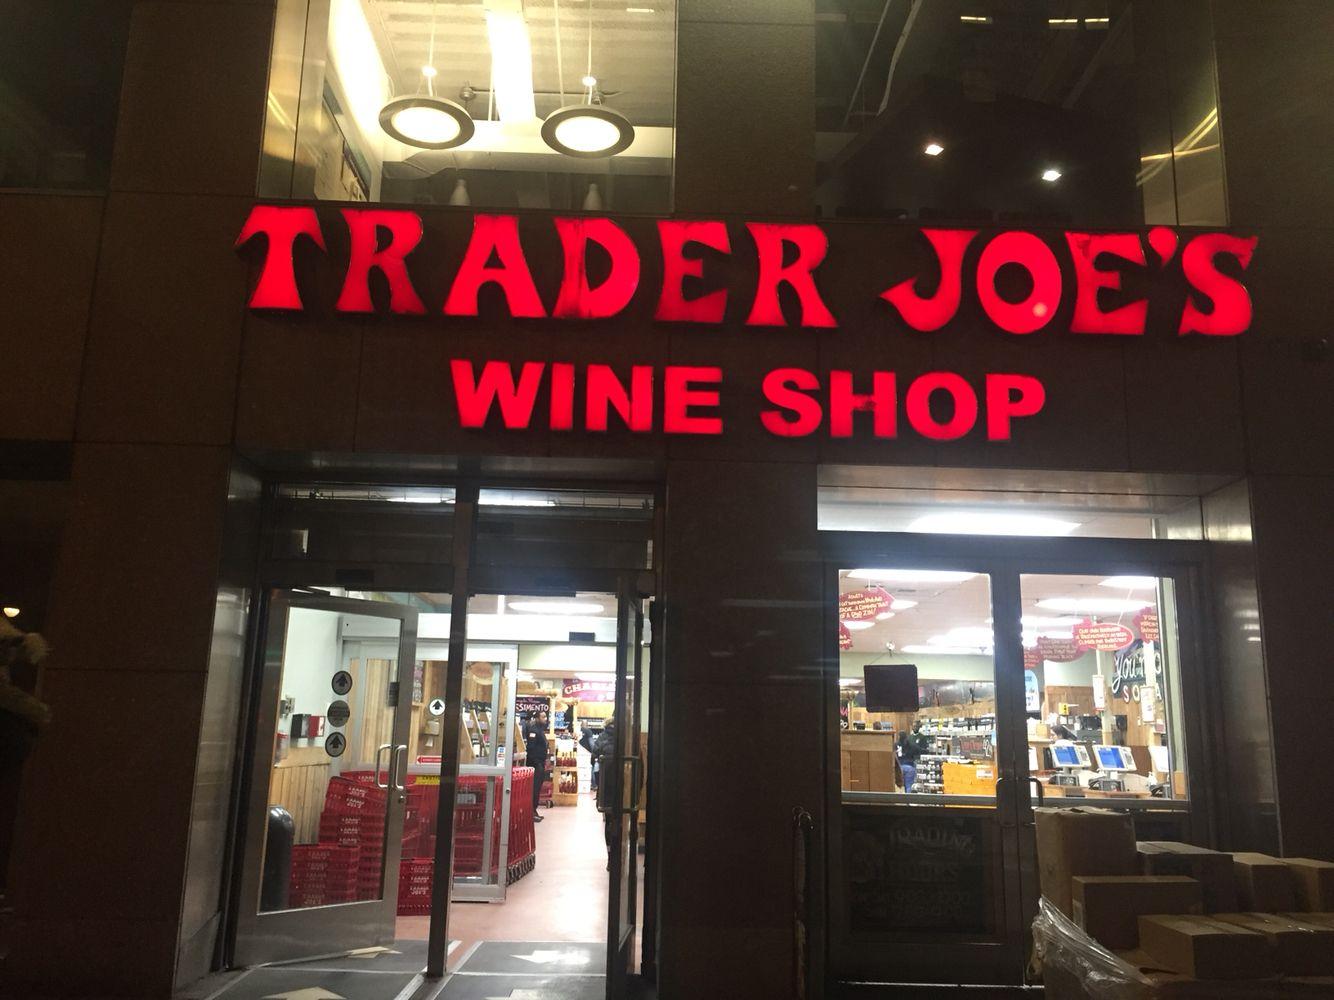 Como na Costa Leste dos EUA apenas 1 filial da cadeia de supermercado pode vender bebida alcoólica na cidade, o Trader Joe's, que mora no coração tanto dos Californianos, como dos Nova Iorquinos, proximo a Union Square, tem uma loja de vinho separada. Pensando bem, podiam abrir uma dessas em LA tb e aumentar o número de marcas de vinhos que custam $2. Nada mal, né?!